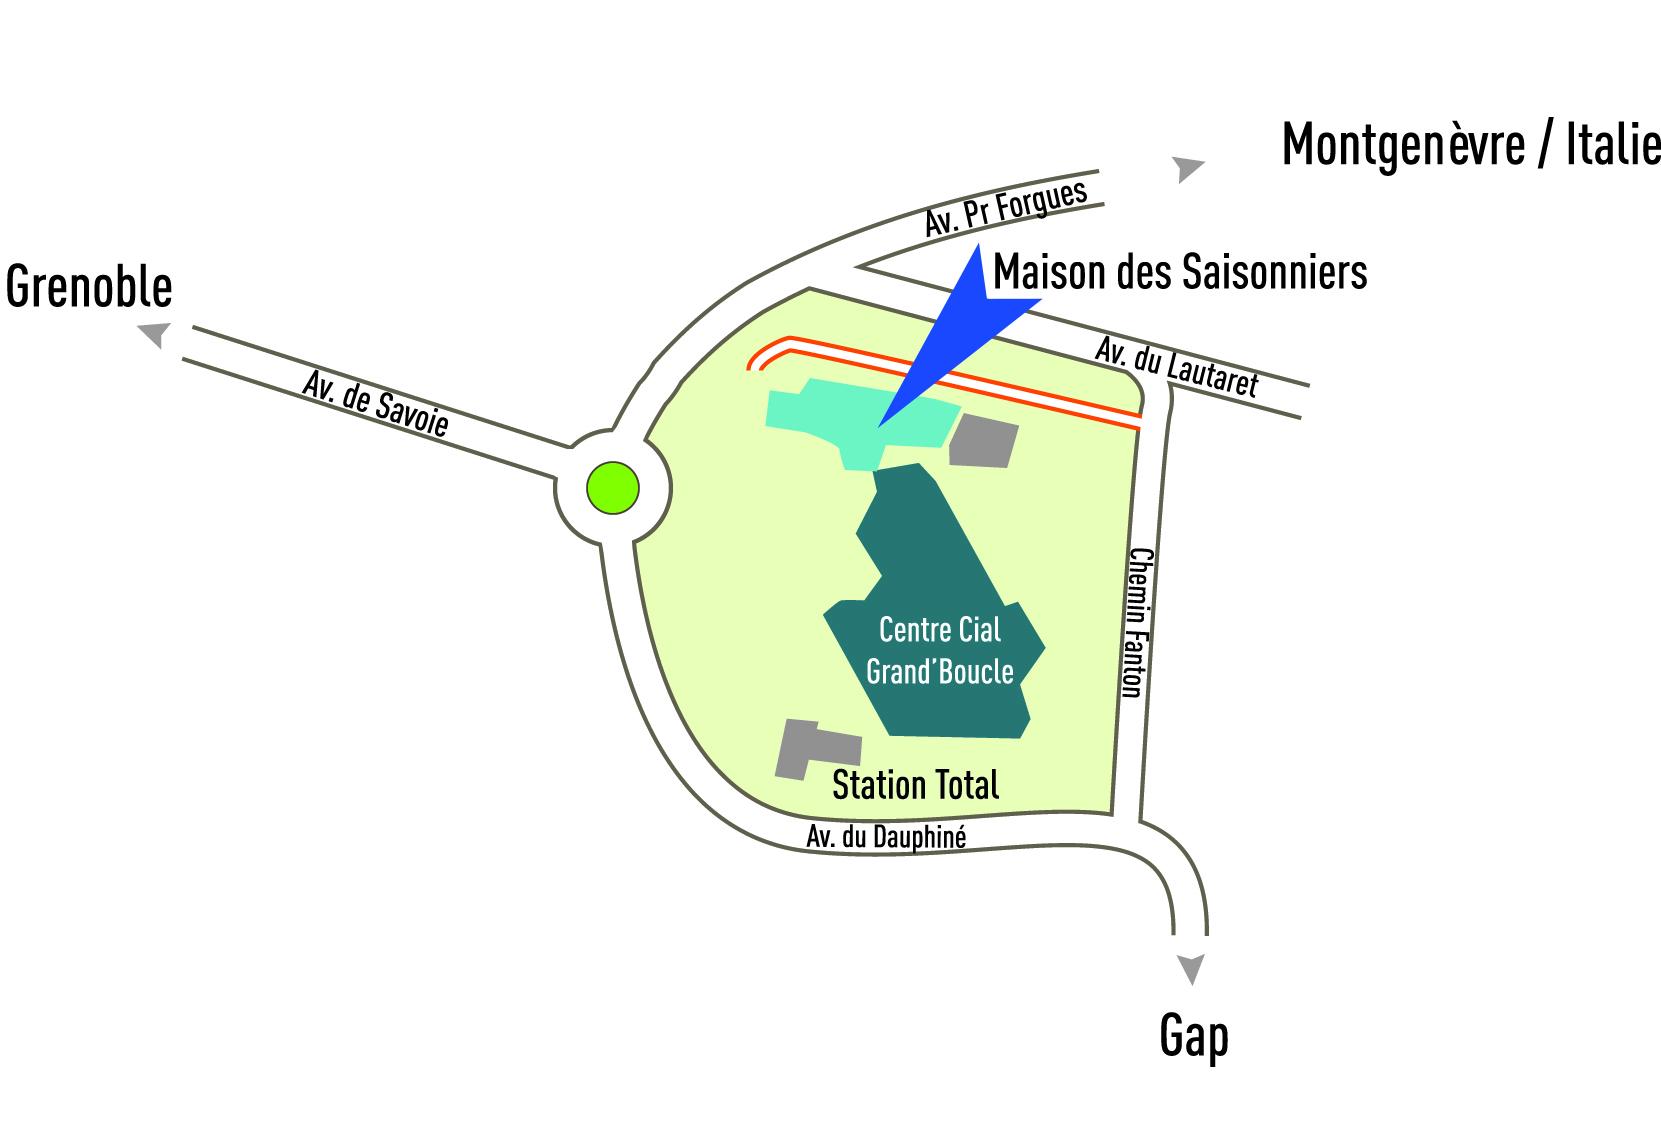 plan_dacces_maison_des_saisonniers_du_brianconnais.jpg